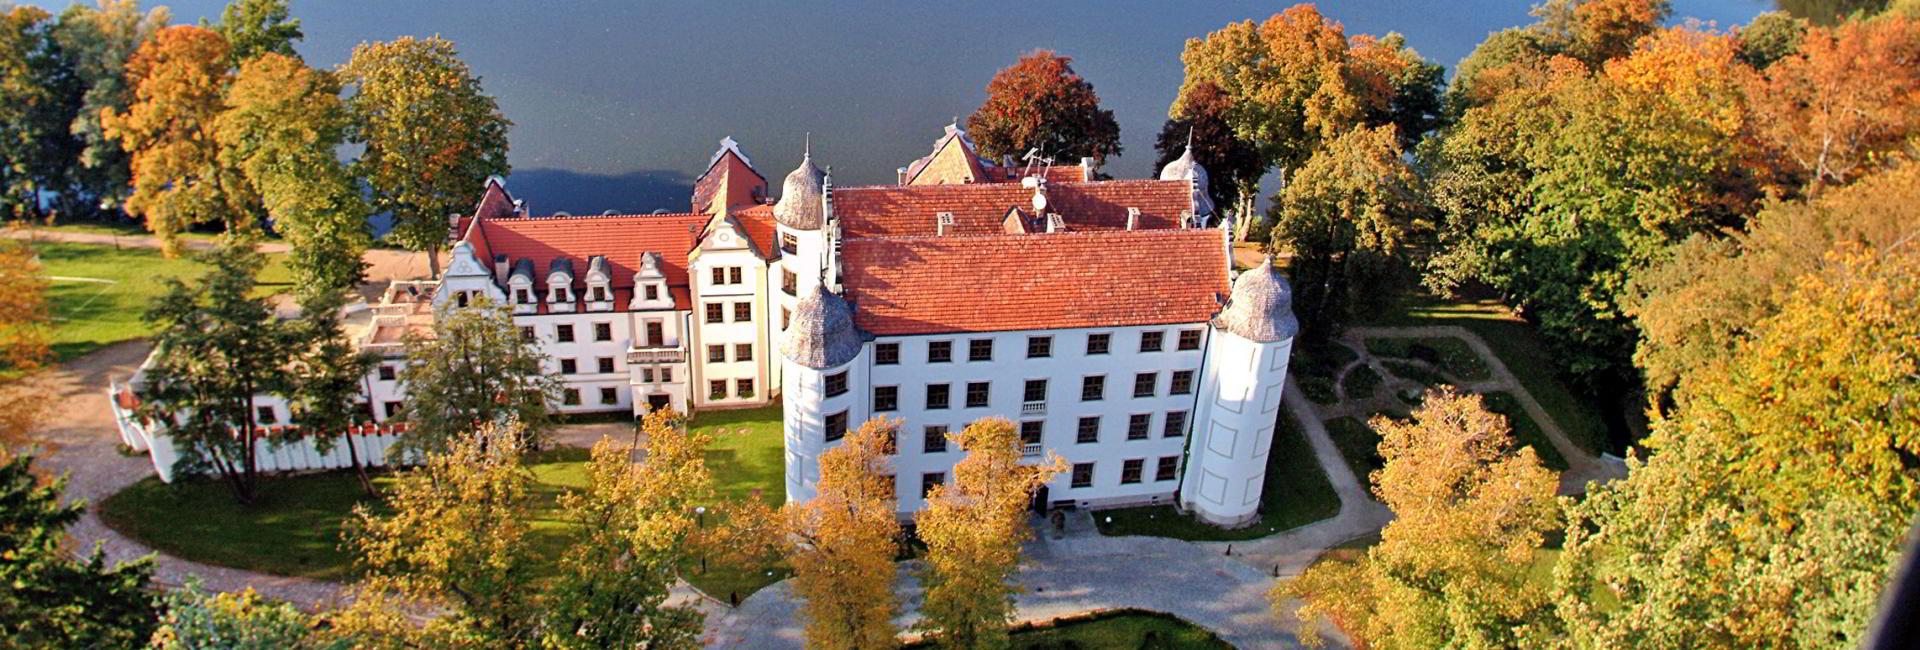 Castle Hotel Podewils in Krag, Poland